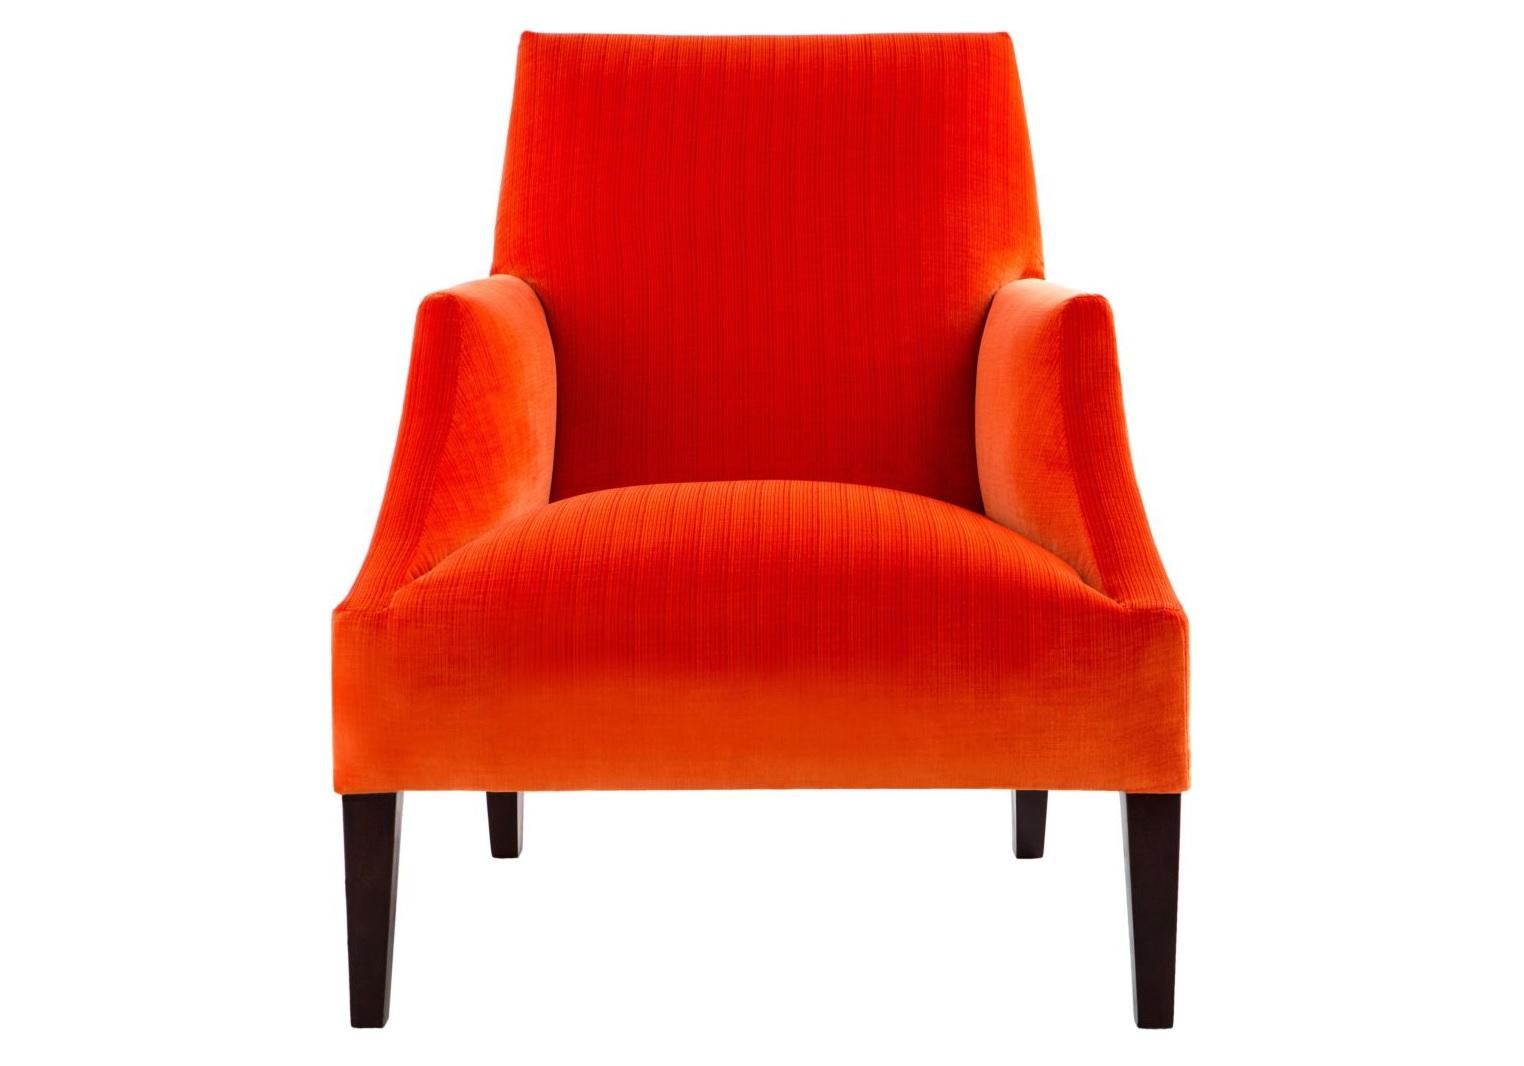 Кресло Limited Edition Gold coast chairКресла с высокой спинкой<br><br><br>Material: Текстиль<br>Width см: 88<br>Depth см: 77<br>Height см: 86